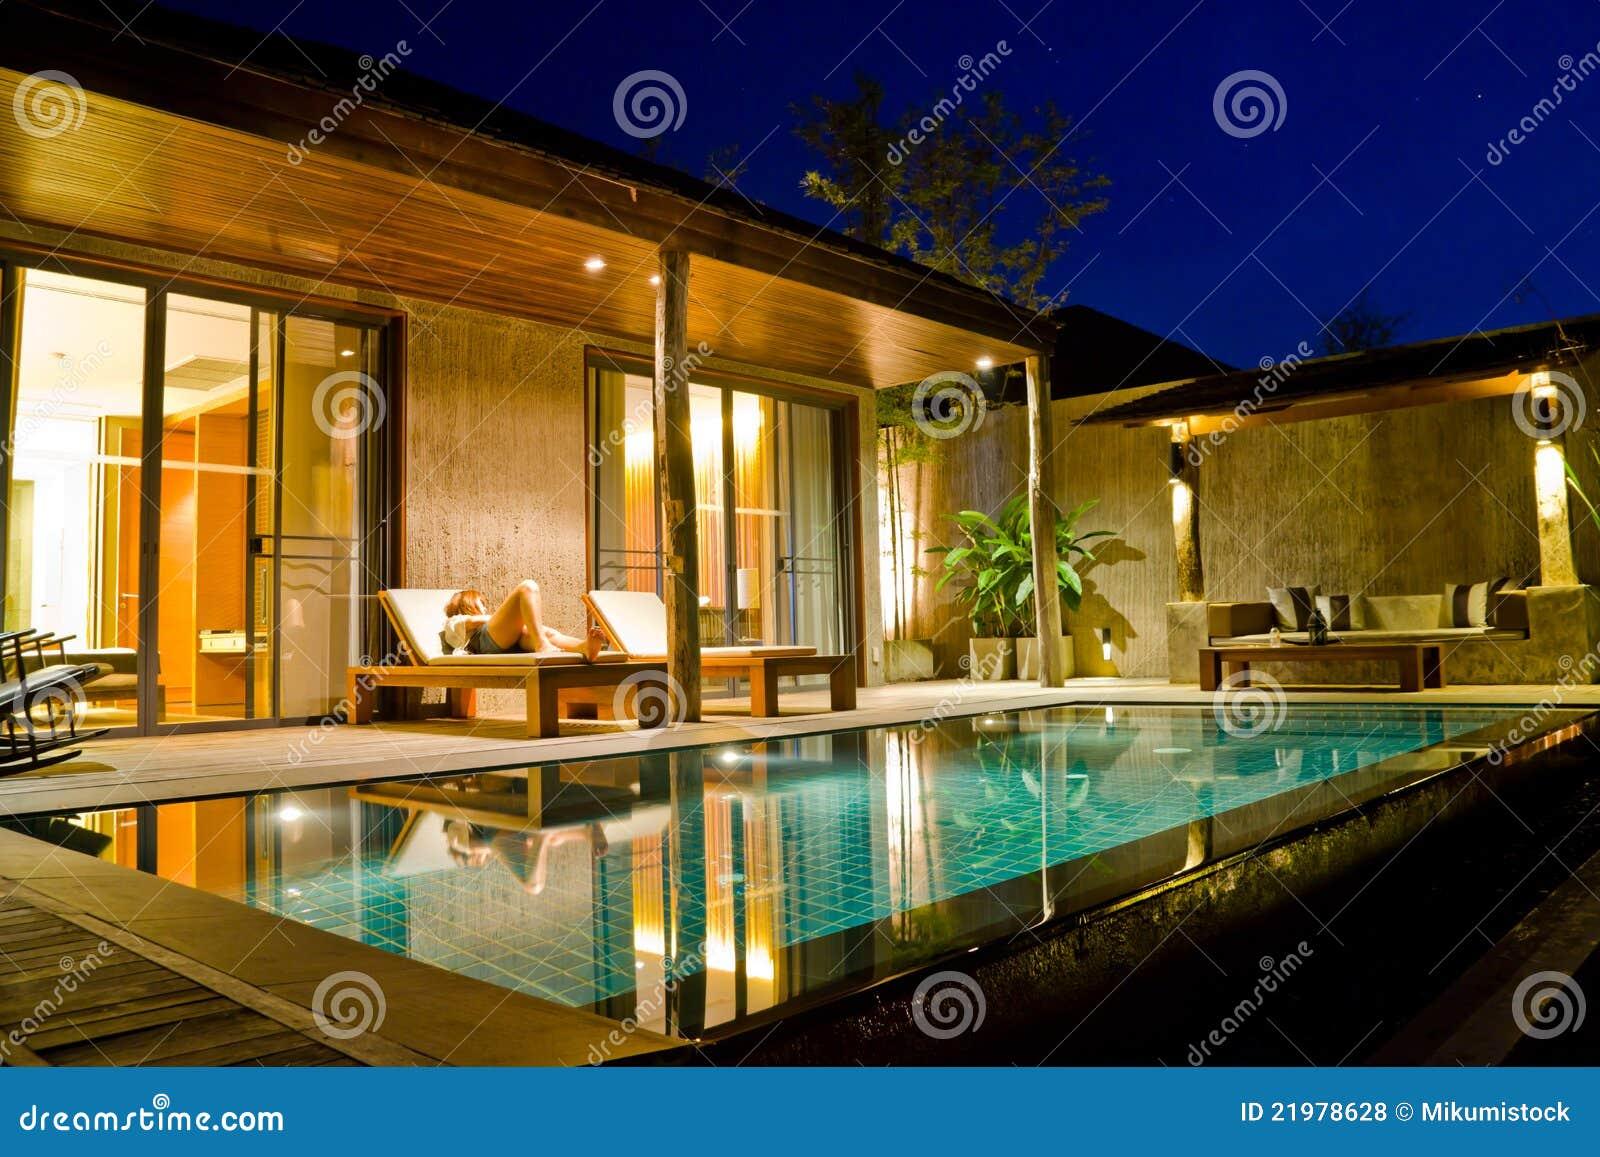 Casa moderna con la piscina fotos de archivo libres de - Casas modernas con piscina ...